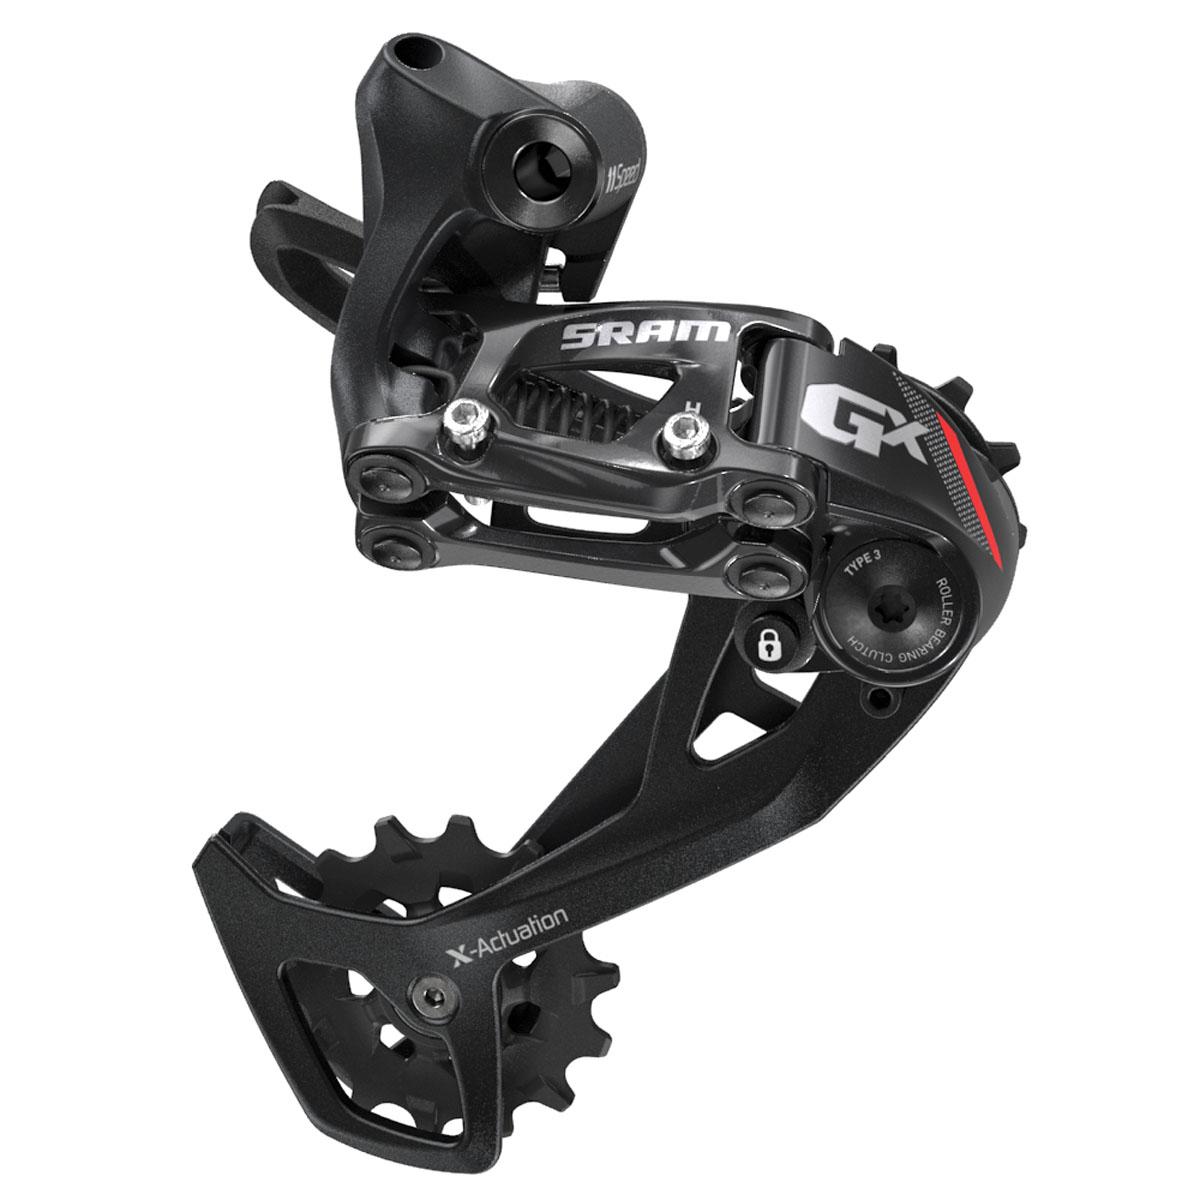 SRAM GX 2x11 Type 3.0 Rear Bicycle Derailleur - 00.7518.082